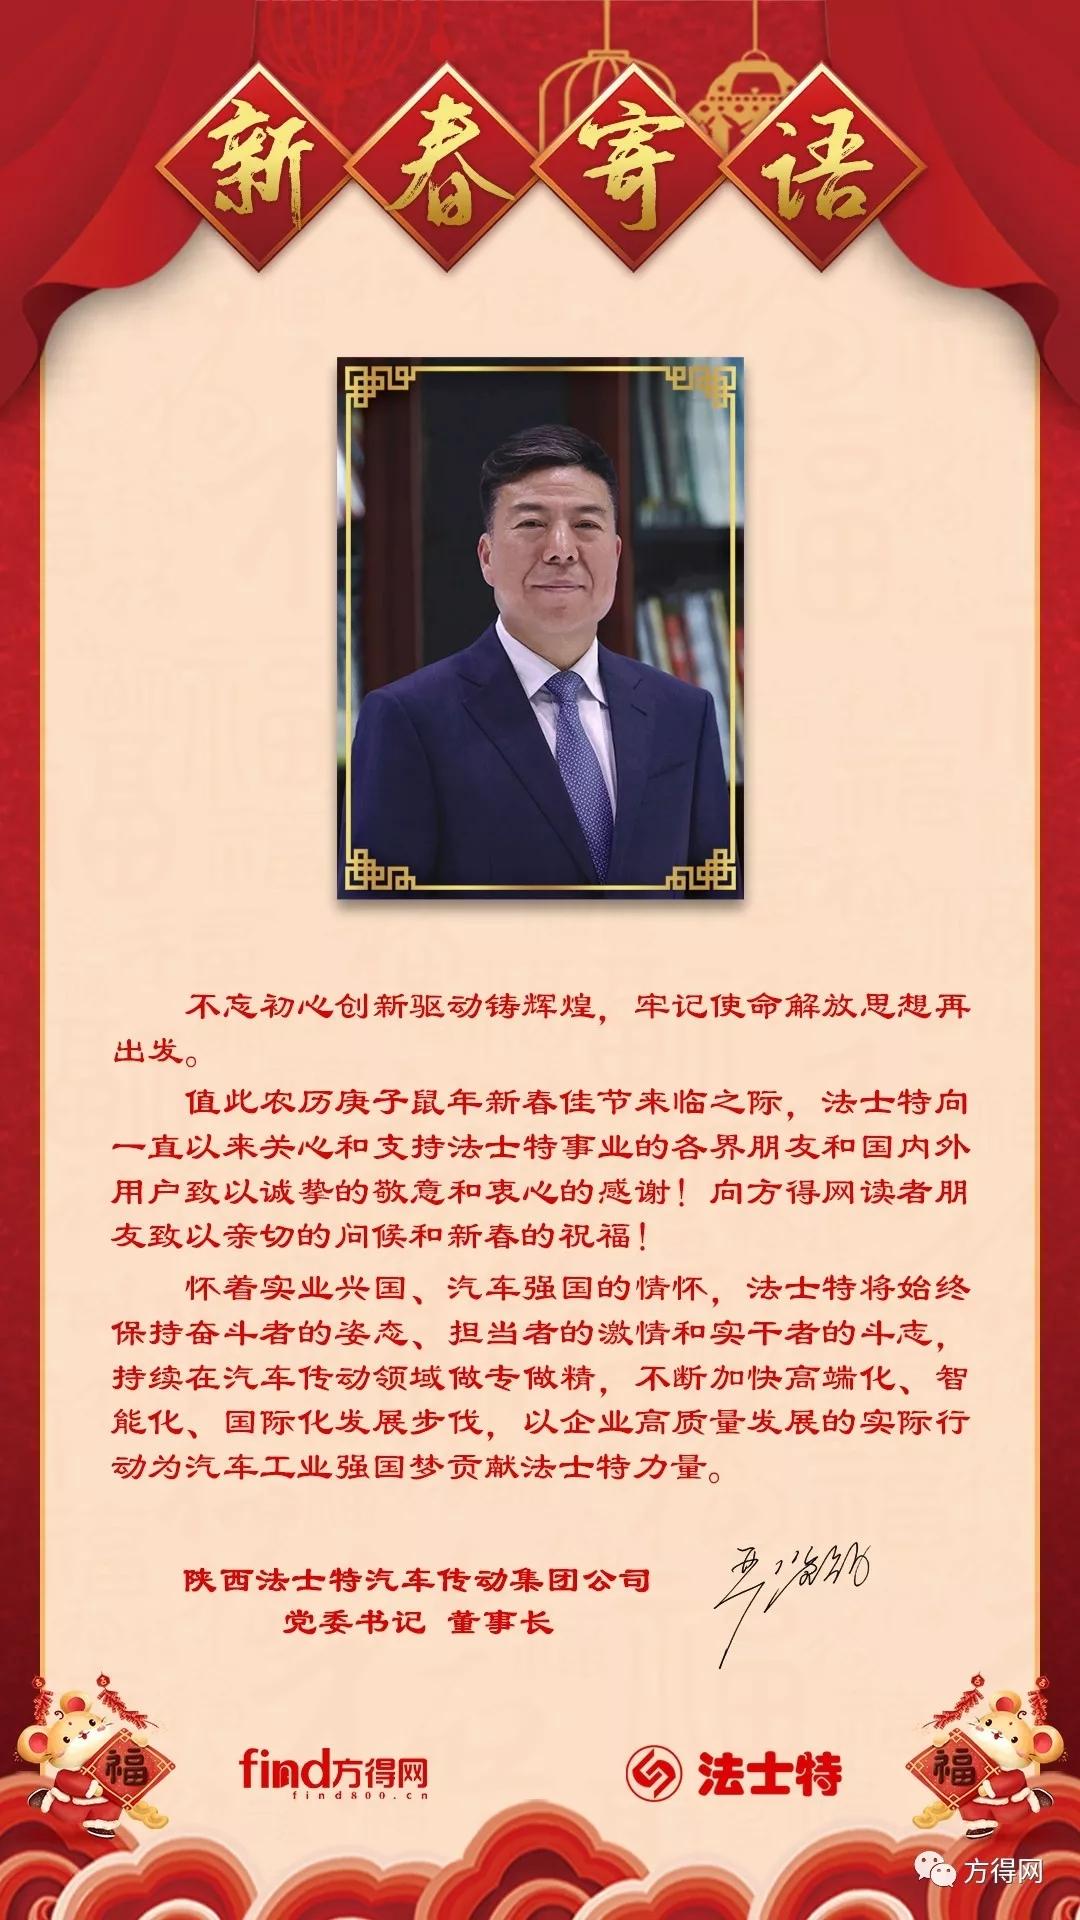 陕西法士特汽车传动集团公司党委书记、董事长严鉴铂祝您新年快乐